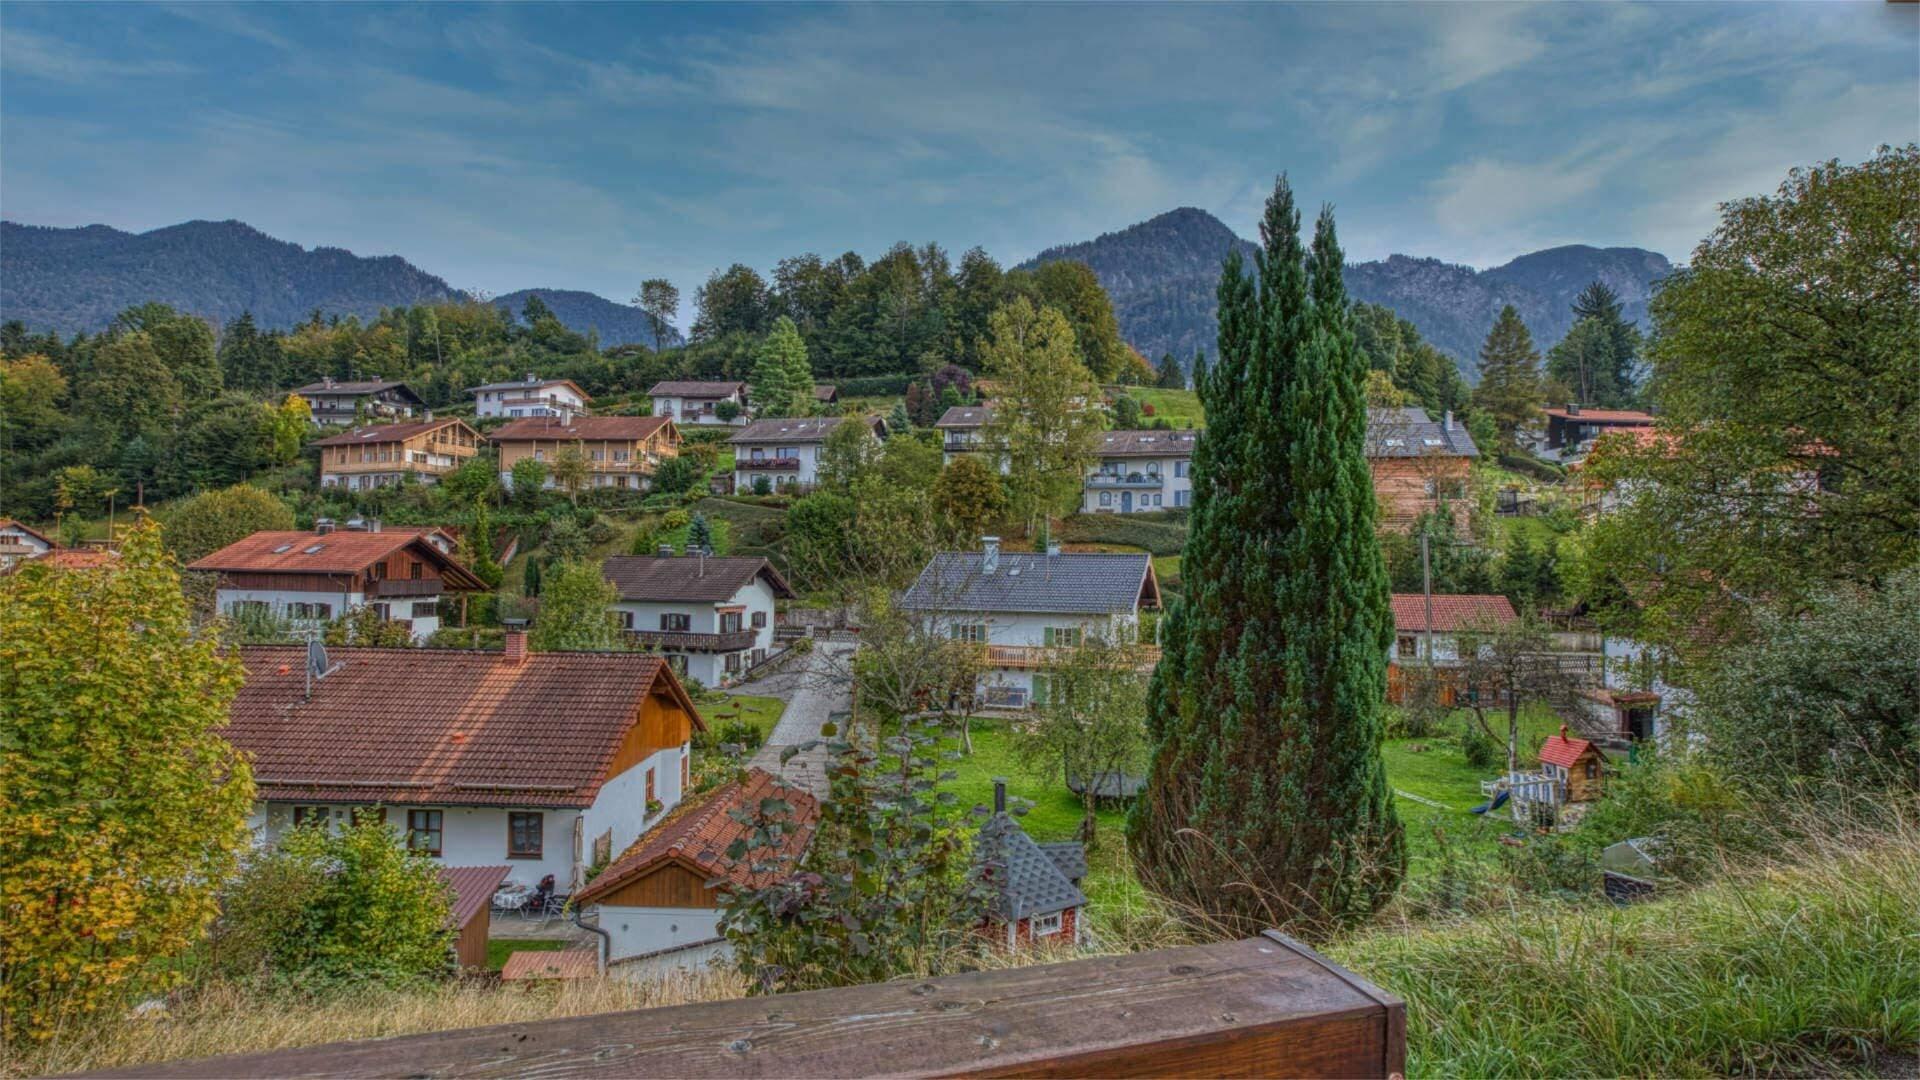 Kochel am See Haus Bergblick